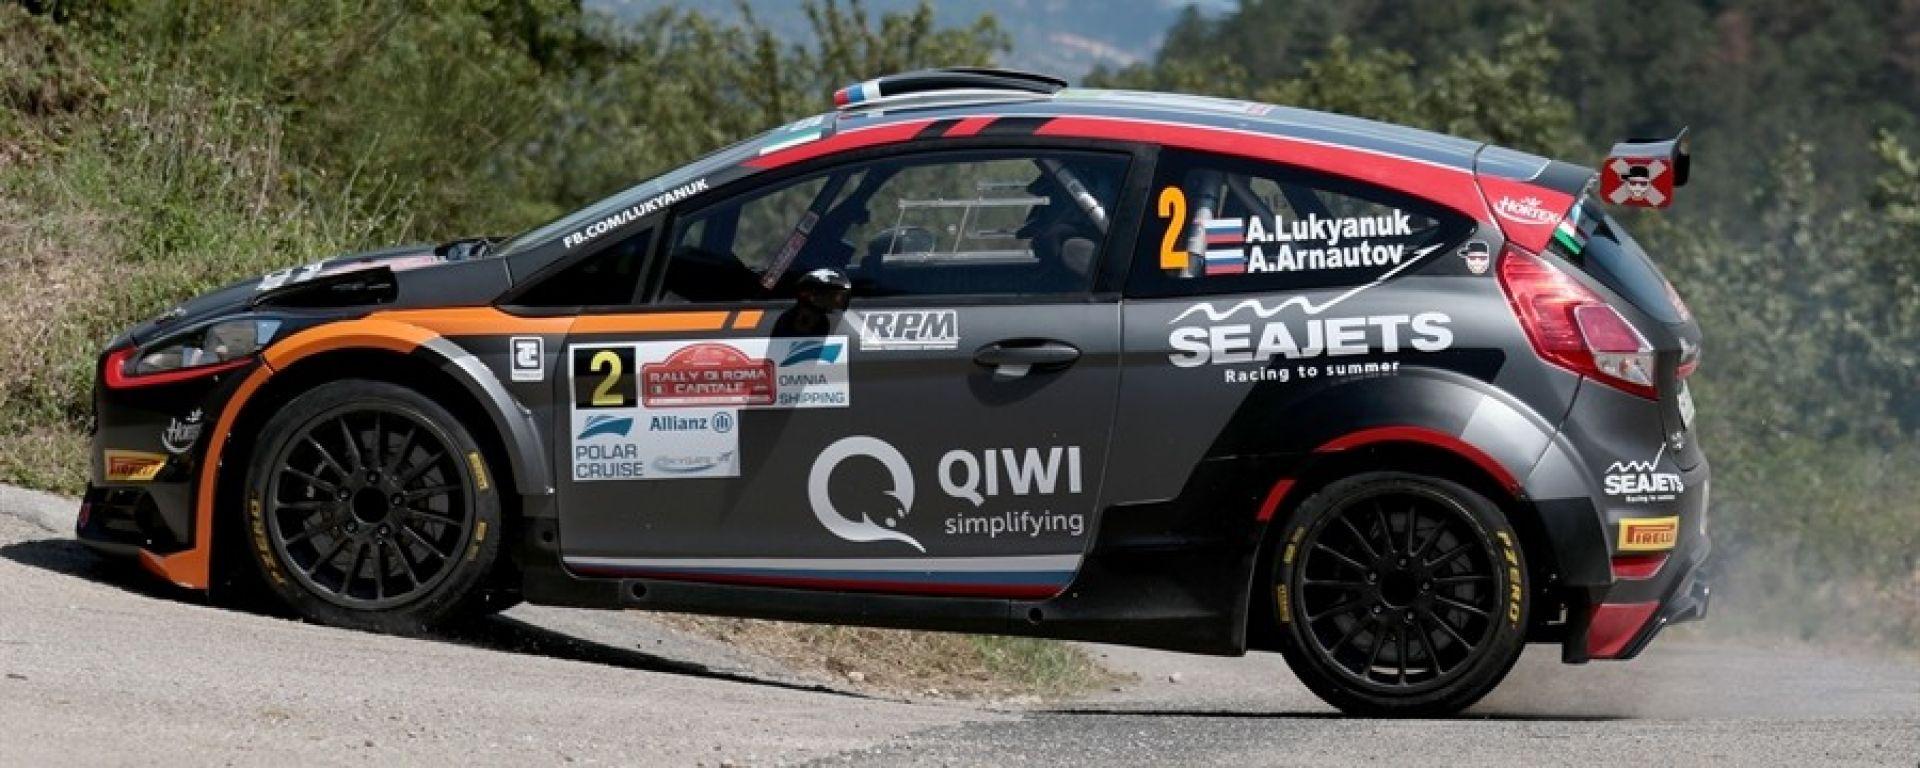 Rally Roma: il russo Lukyanuk davanti a tutti, quinto Andreucci con Peugeot